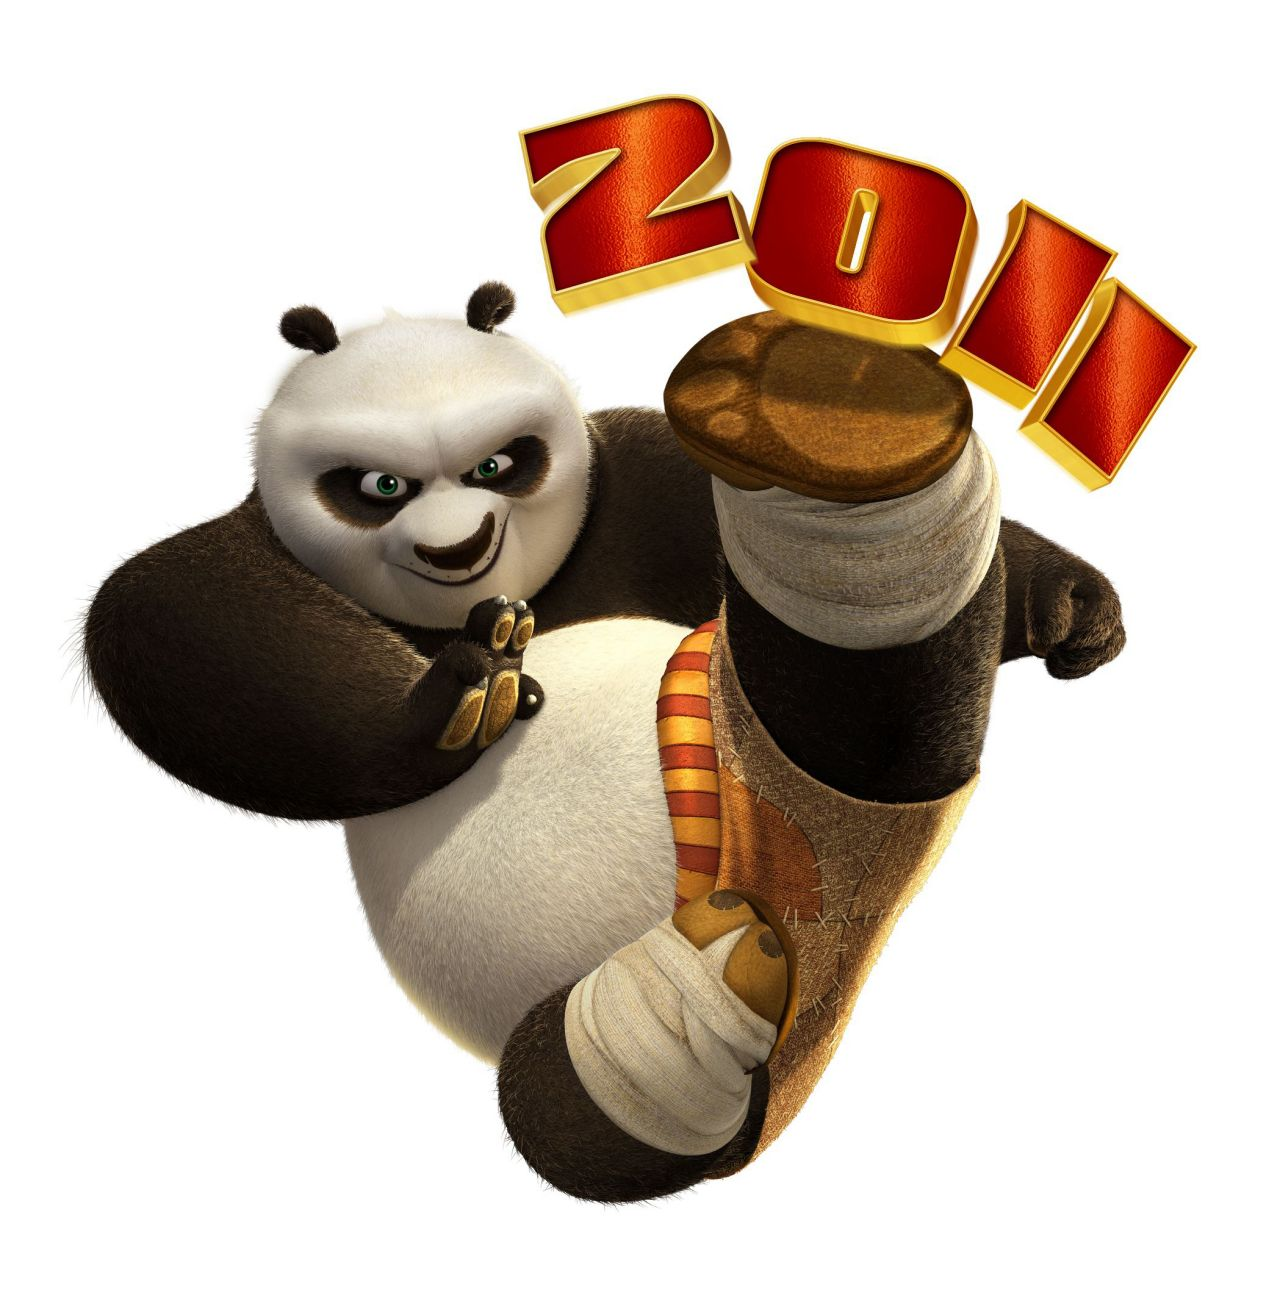 http://1.bp.blogspot.com/-T_jiBR-HIjc/Tezyfy3LlMI/AAAAAAAAUYc/Yq9SUQC0lCo/s1600/kung-fu-panda-2-2011-wallpaper.jpg